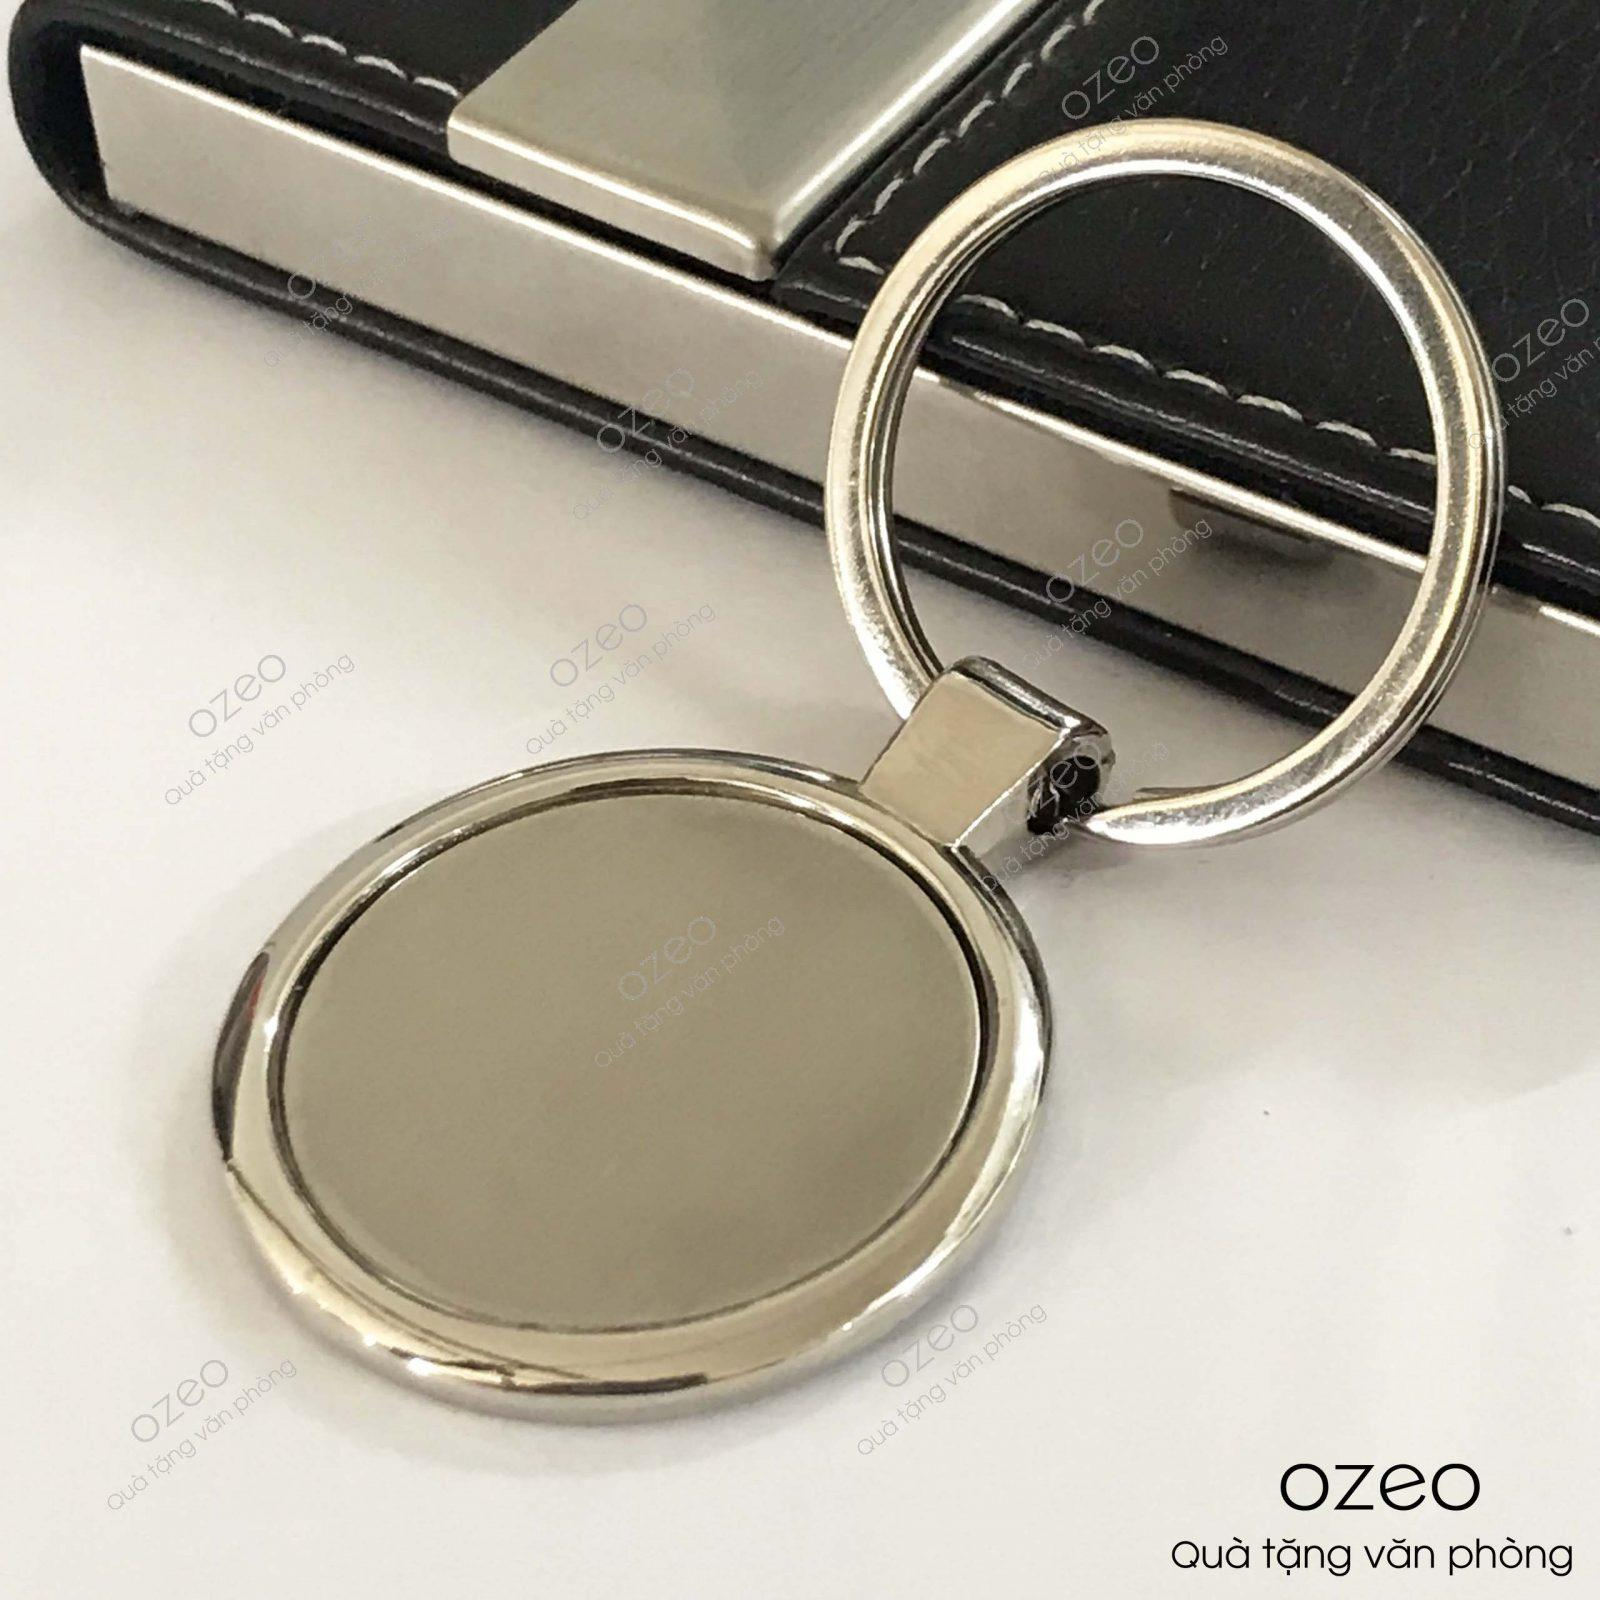 Mặt trước của móc khóa kim loại tròn MK001.